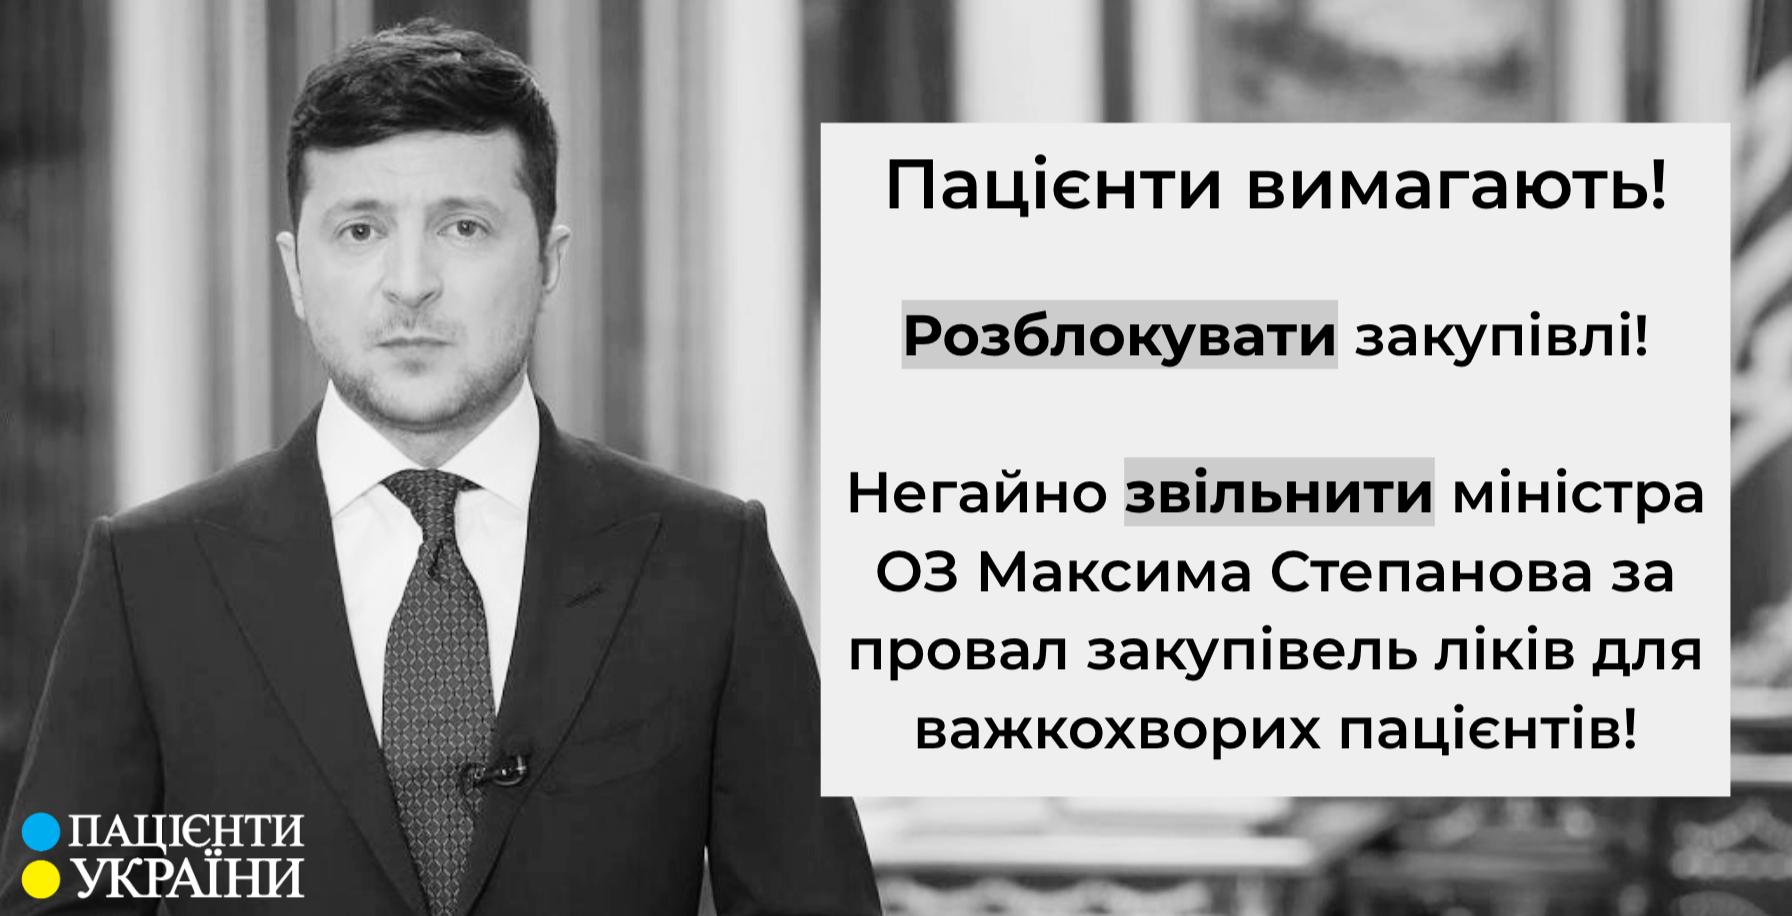 Закупівлі ліків, звільнити Максима Степанова